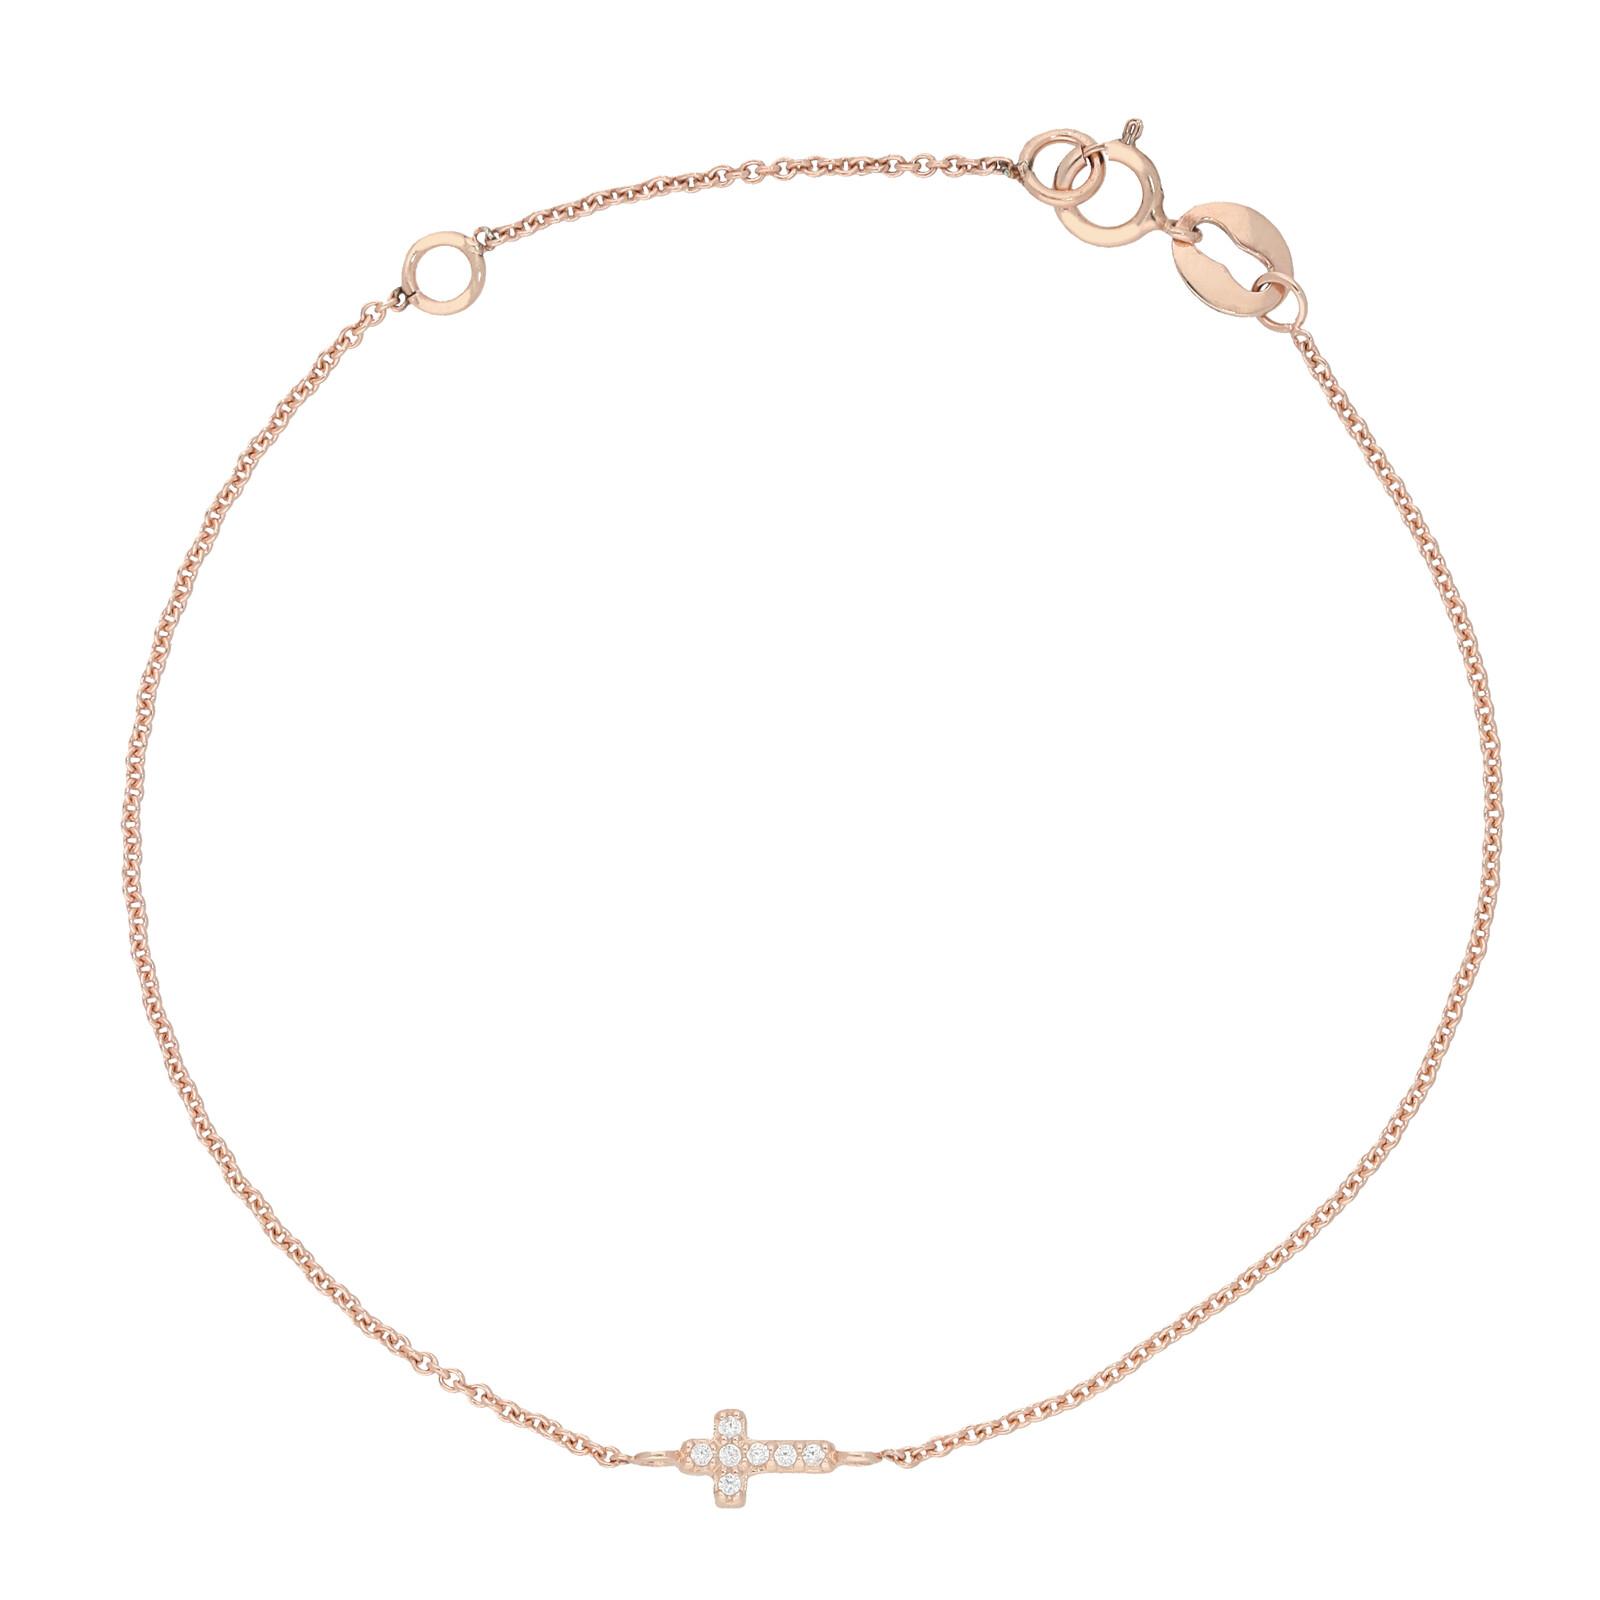 Armband Cross rosevergoldet echt Silber